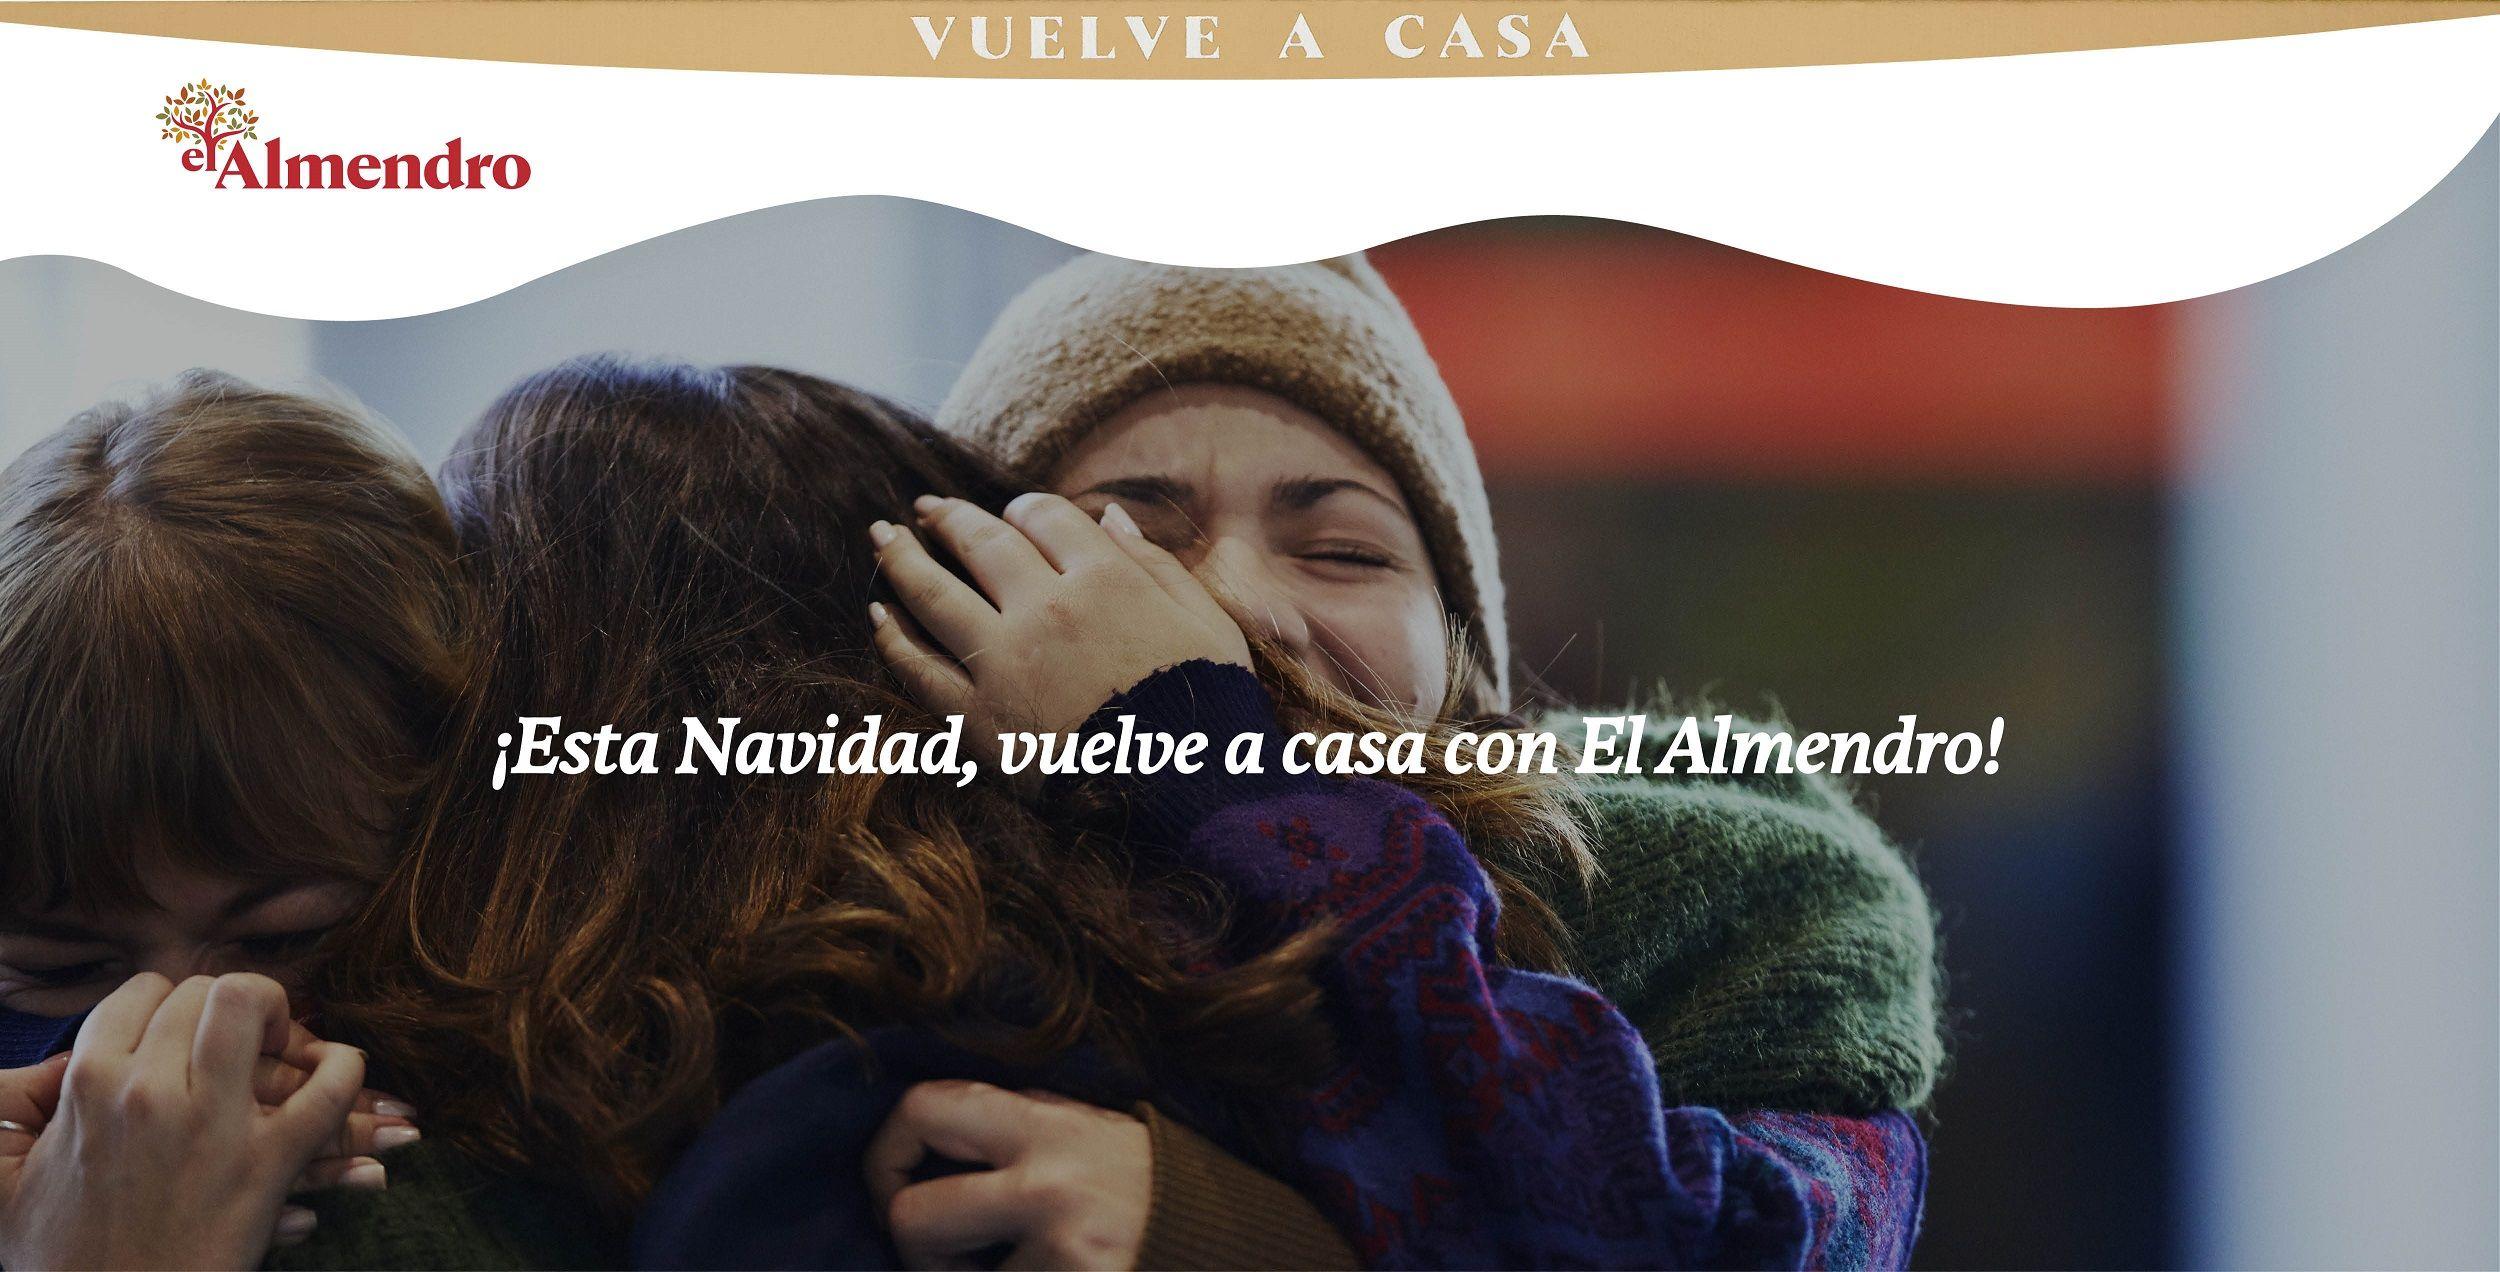 Foto de Vuelve a Casa El Almendro